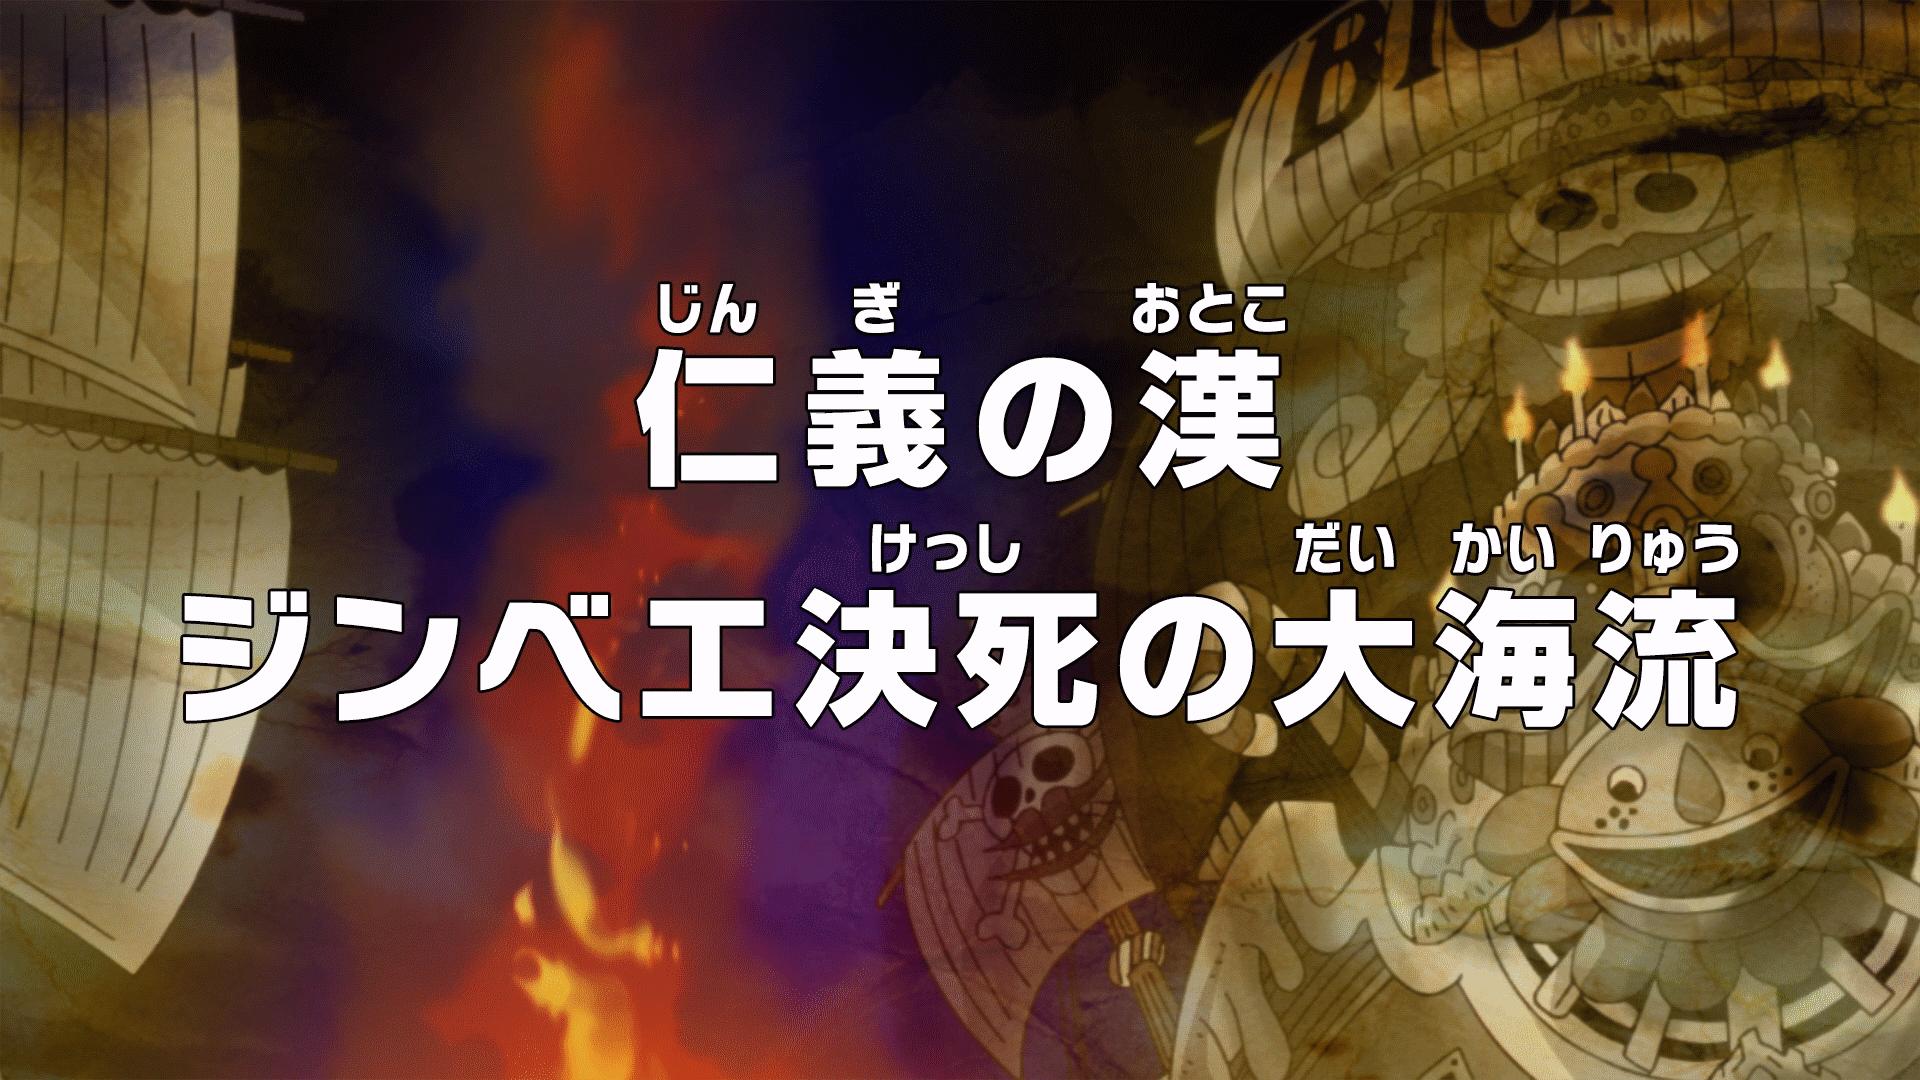 Gagasan Untuk One Piece 887 Vostfr Hd Poster Koleksi Poster